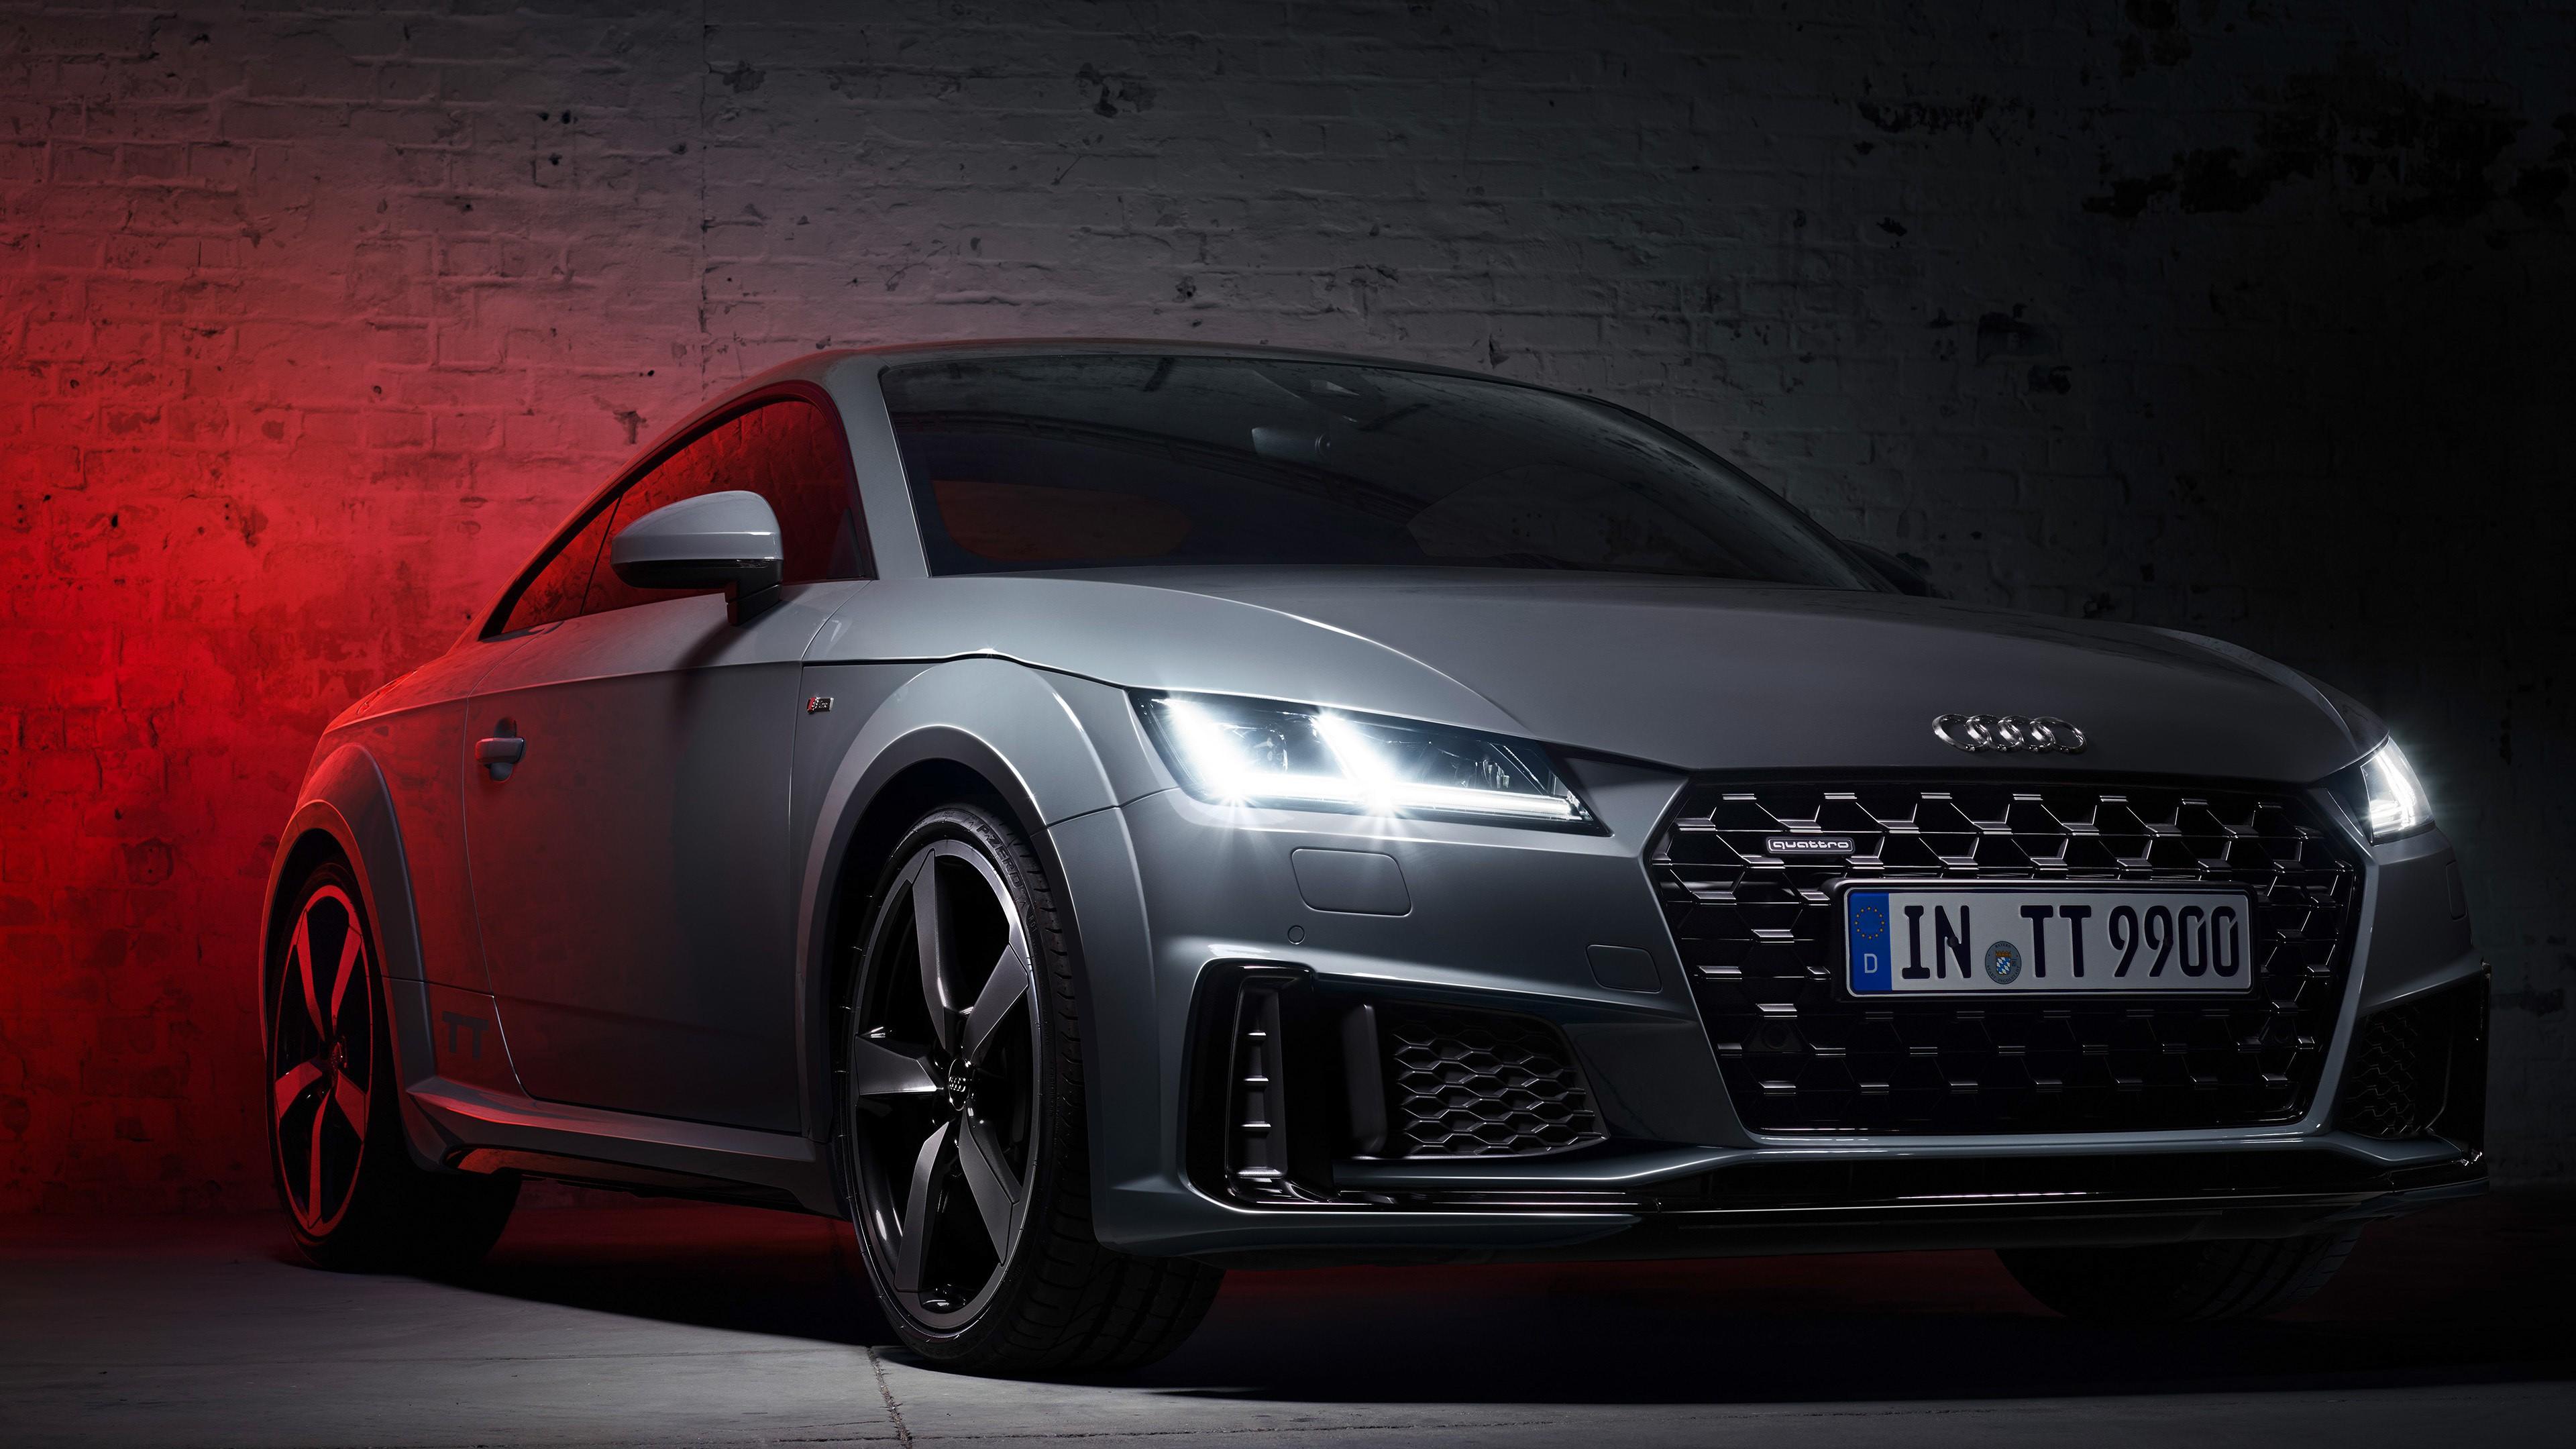 2019 Audi Tt 45 Tfsi Quattro S Line Quantum Gray Edition Audi Tt Quantum Gray Edition 3840x2160 Wallpaper Teahub Io